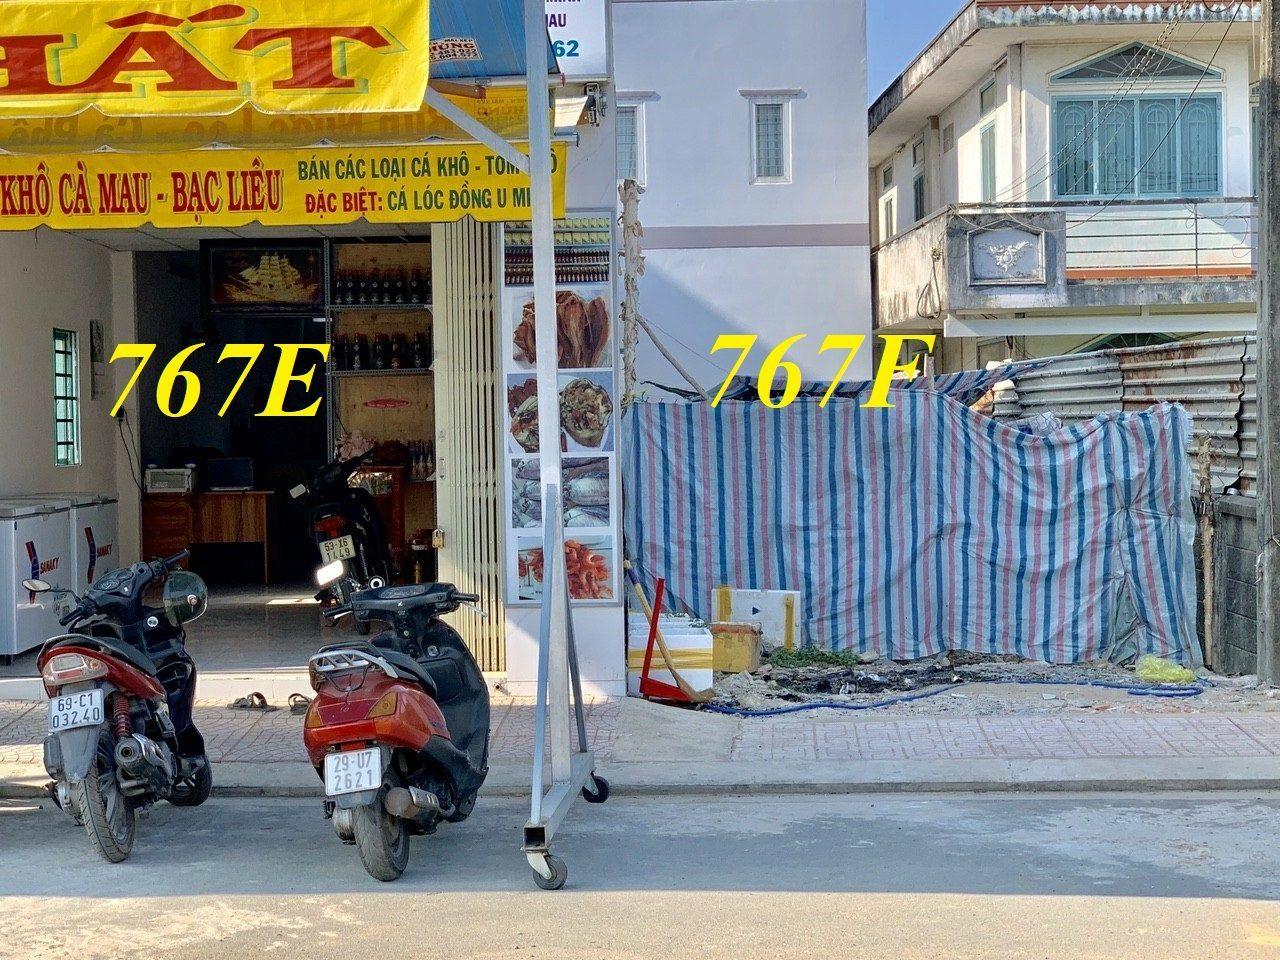 MT 767F Nguyễn Duy Trinh (dưới chân cầu Xây Dựng) Giá 7.7 Tỷ lô 88m2